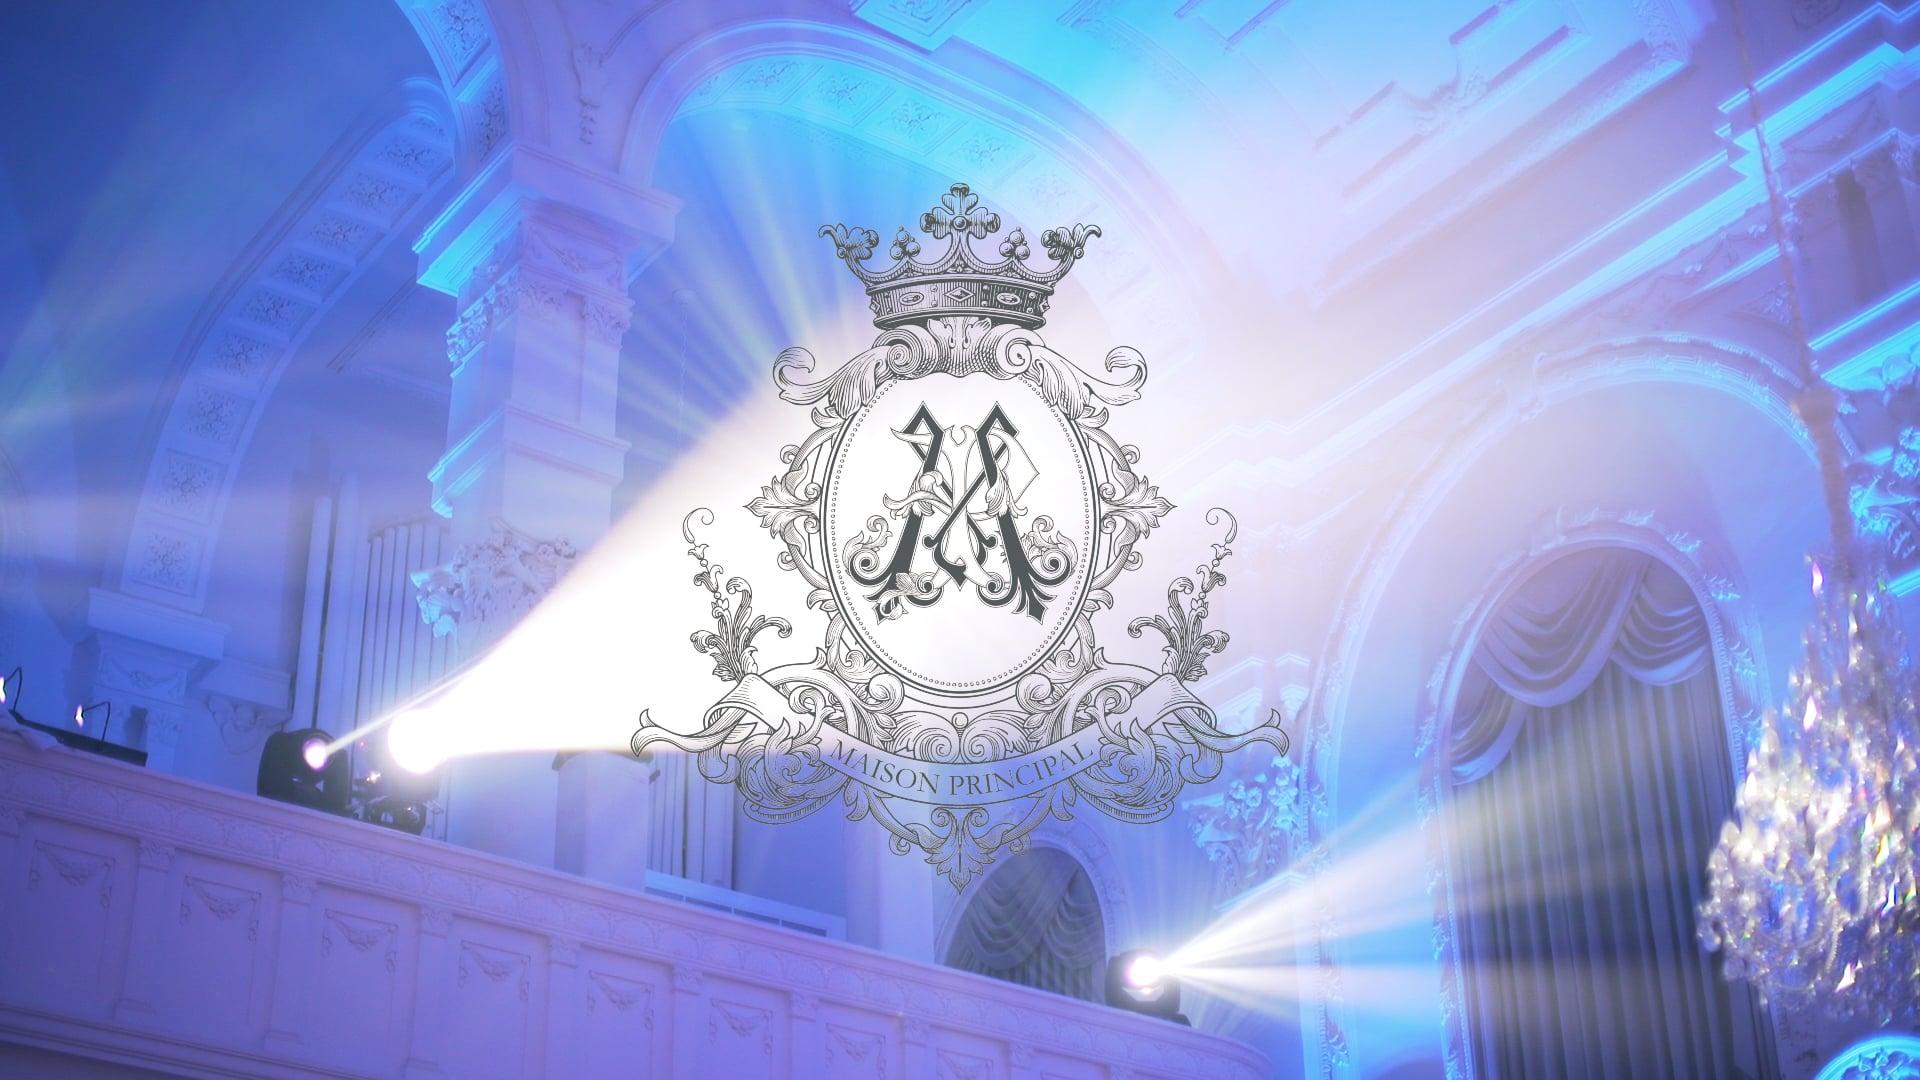 Maison Principal - Grand Opening Gala